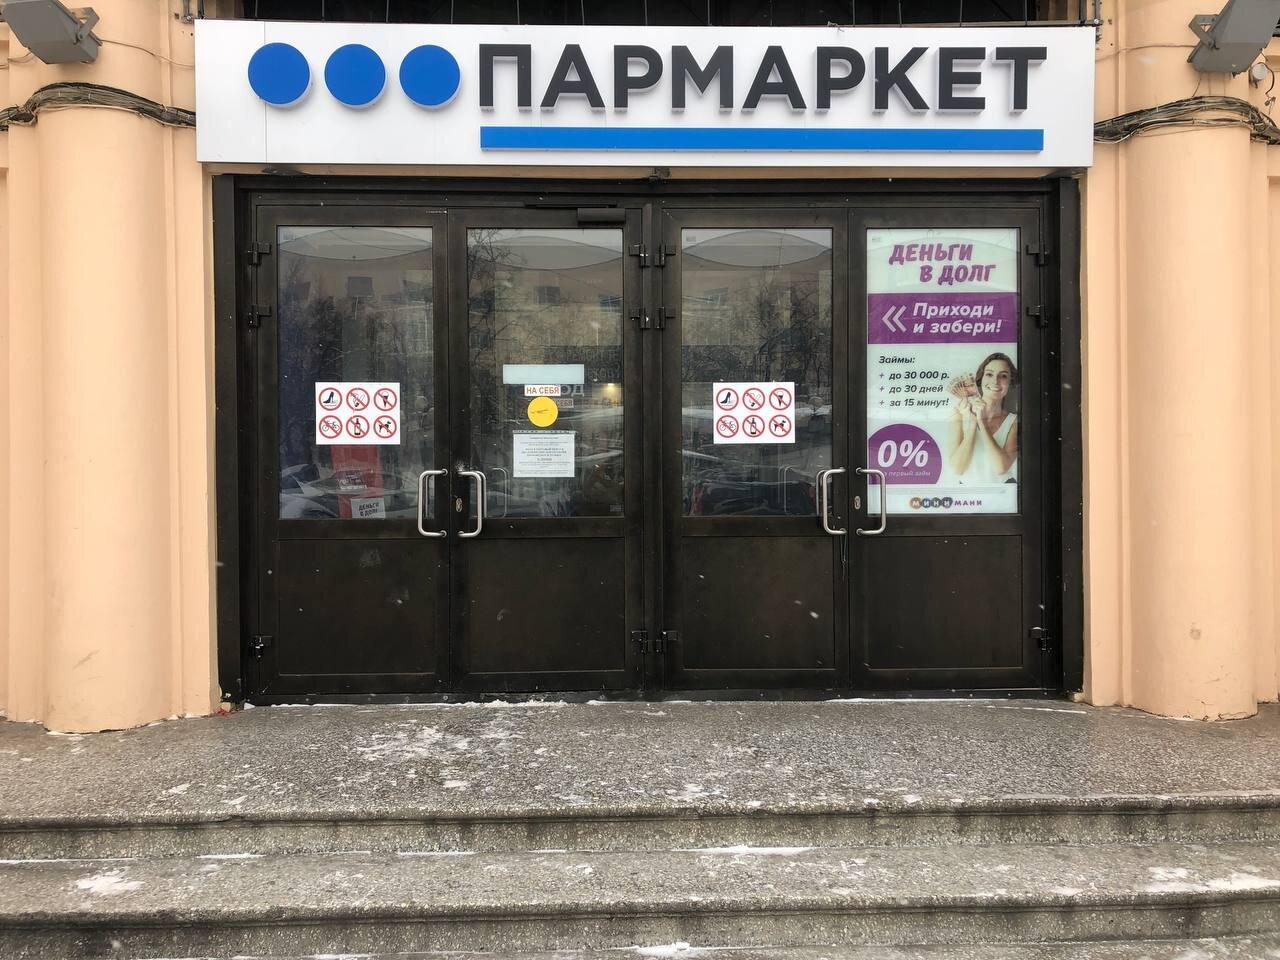 Дымок магазин табачных изделий нижний новгород адреса сигареты купить екатеринбург розница